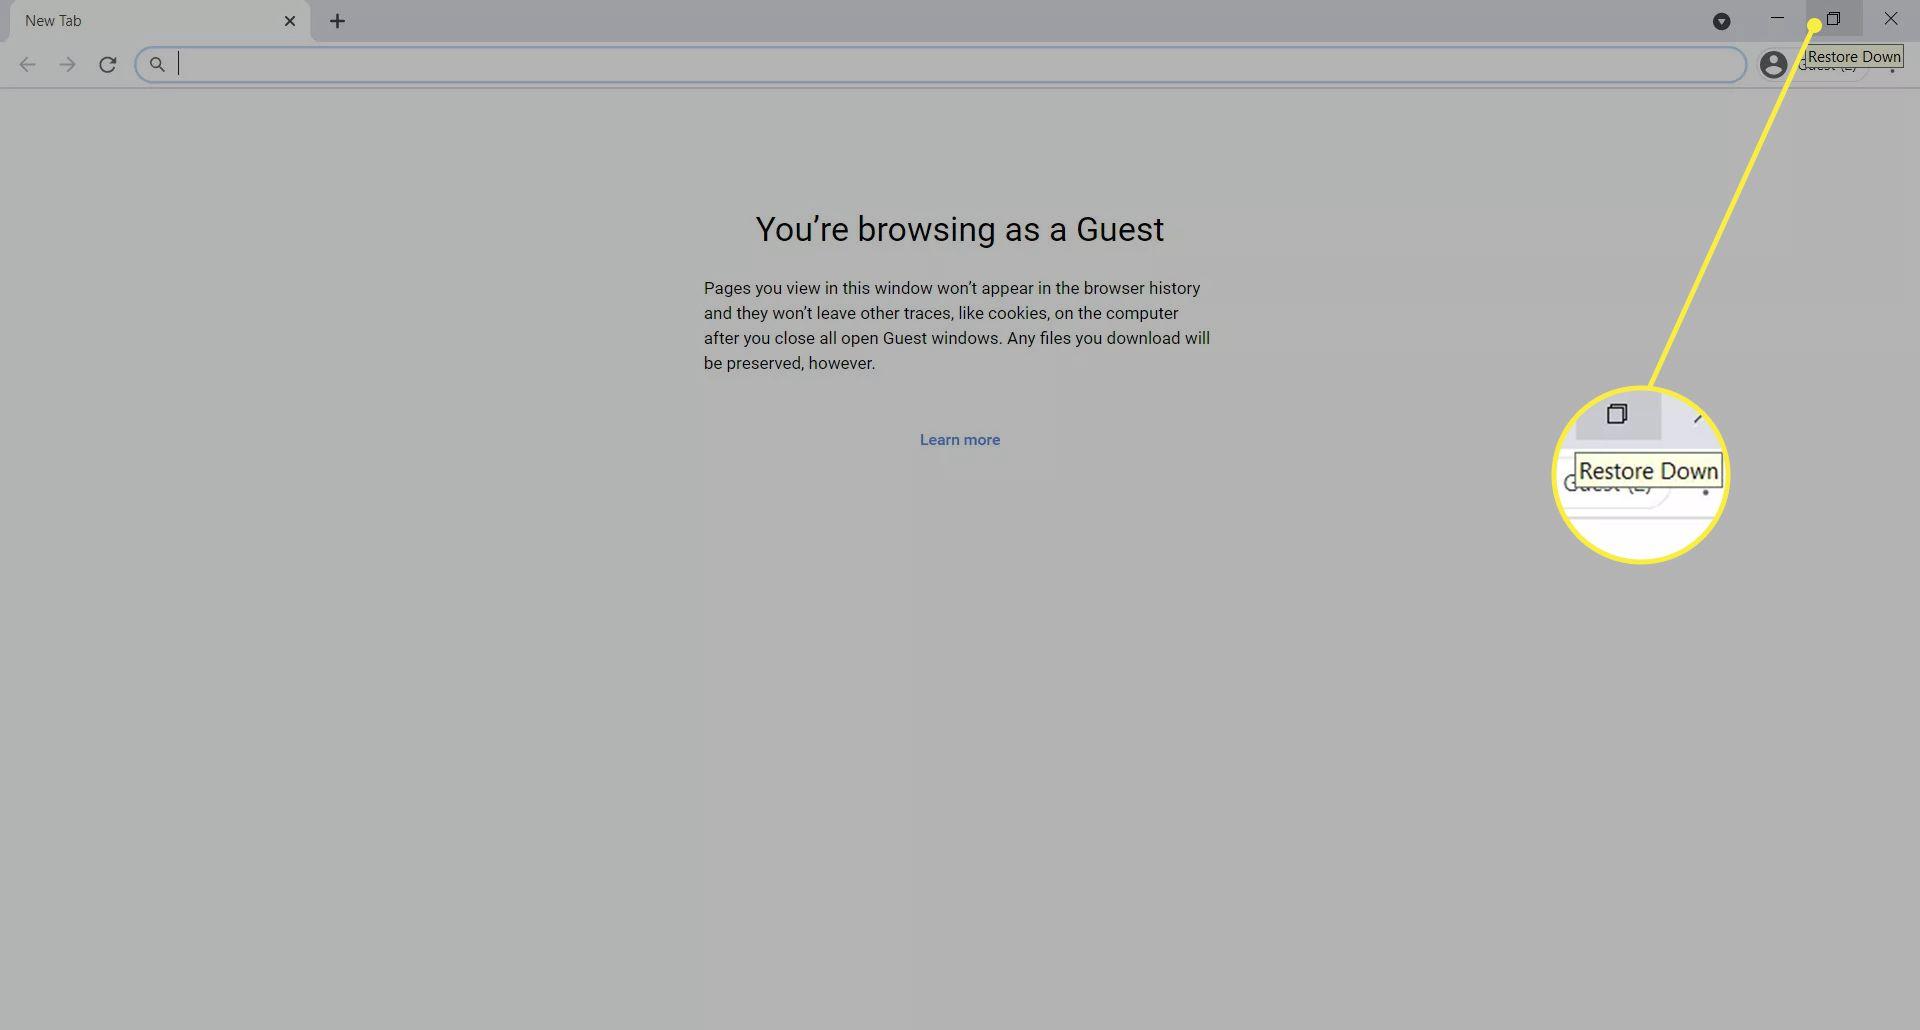 Restore Down button in Chrome window